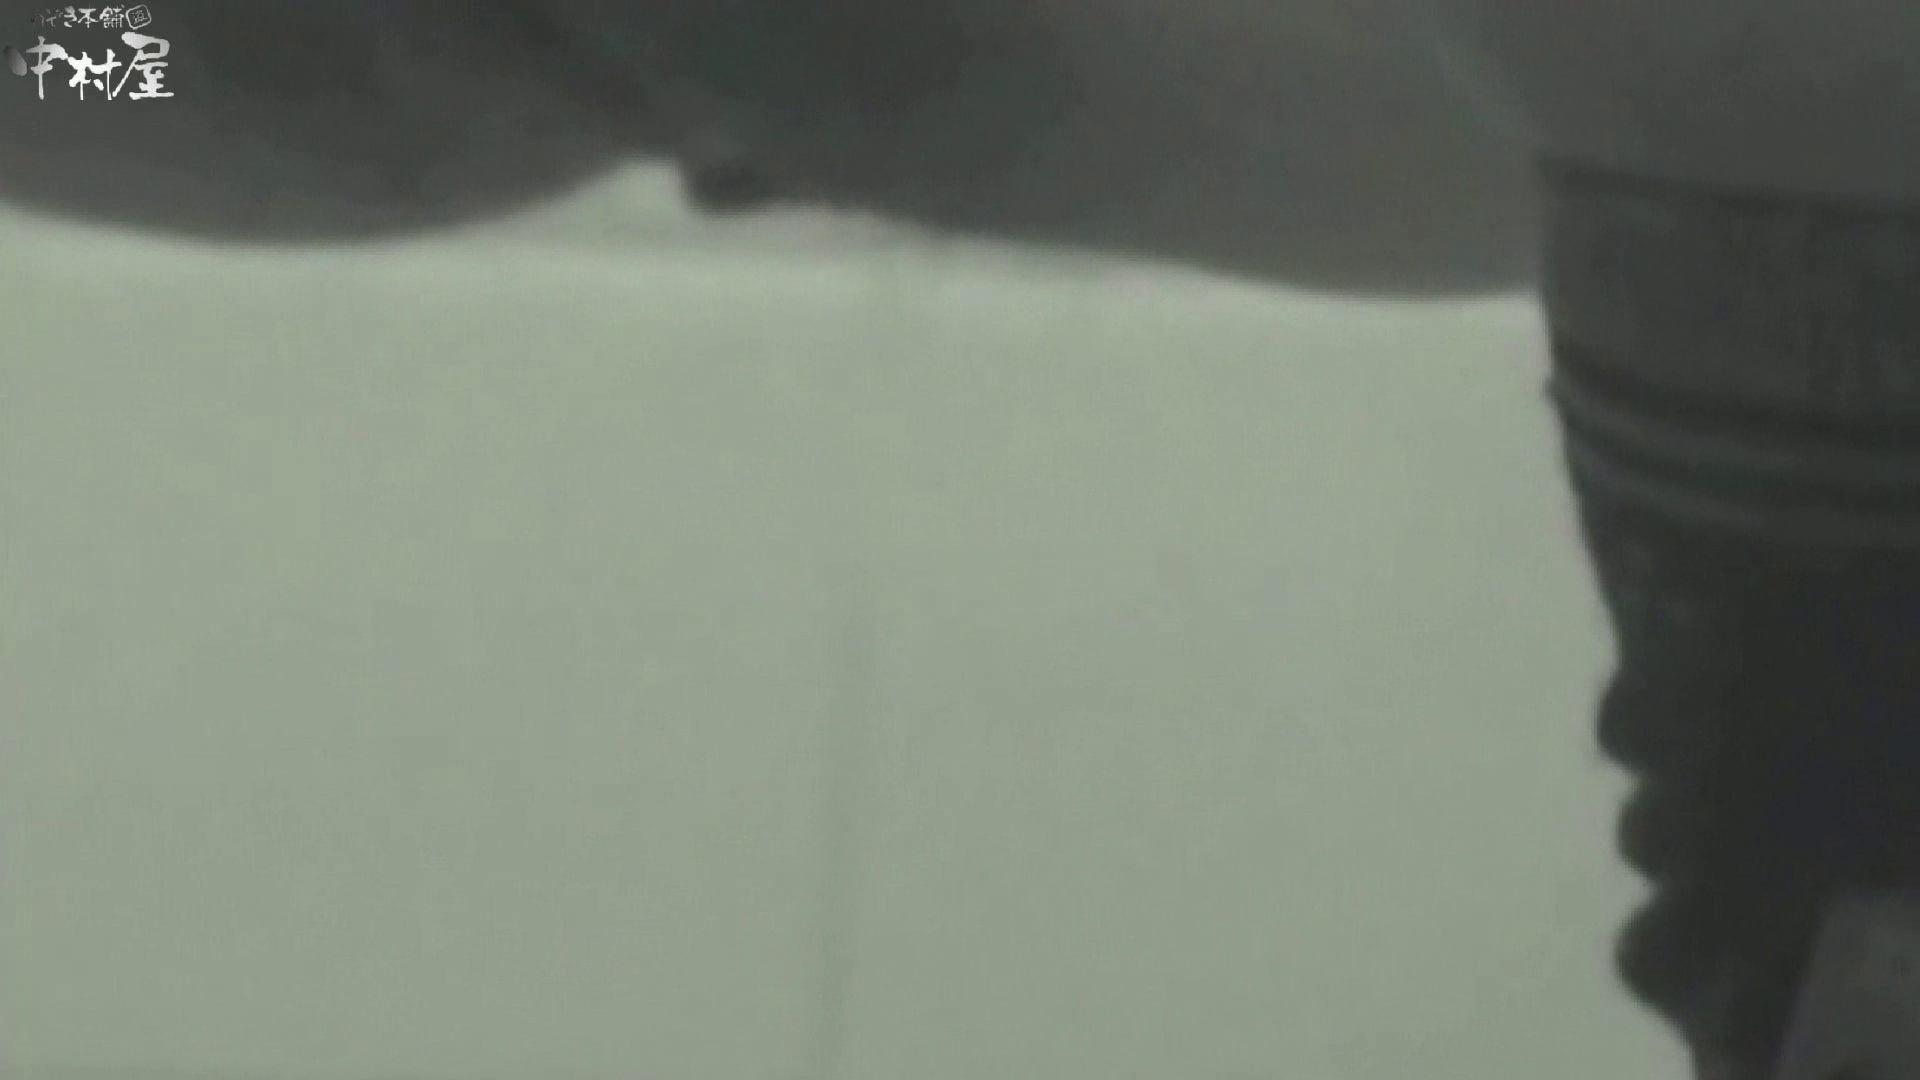 解禁!海の家4カメ洗面所vol.08 人気シリーズ | 洗面所  71pic 60